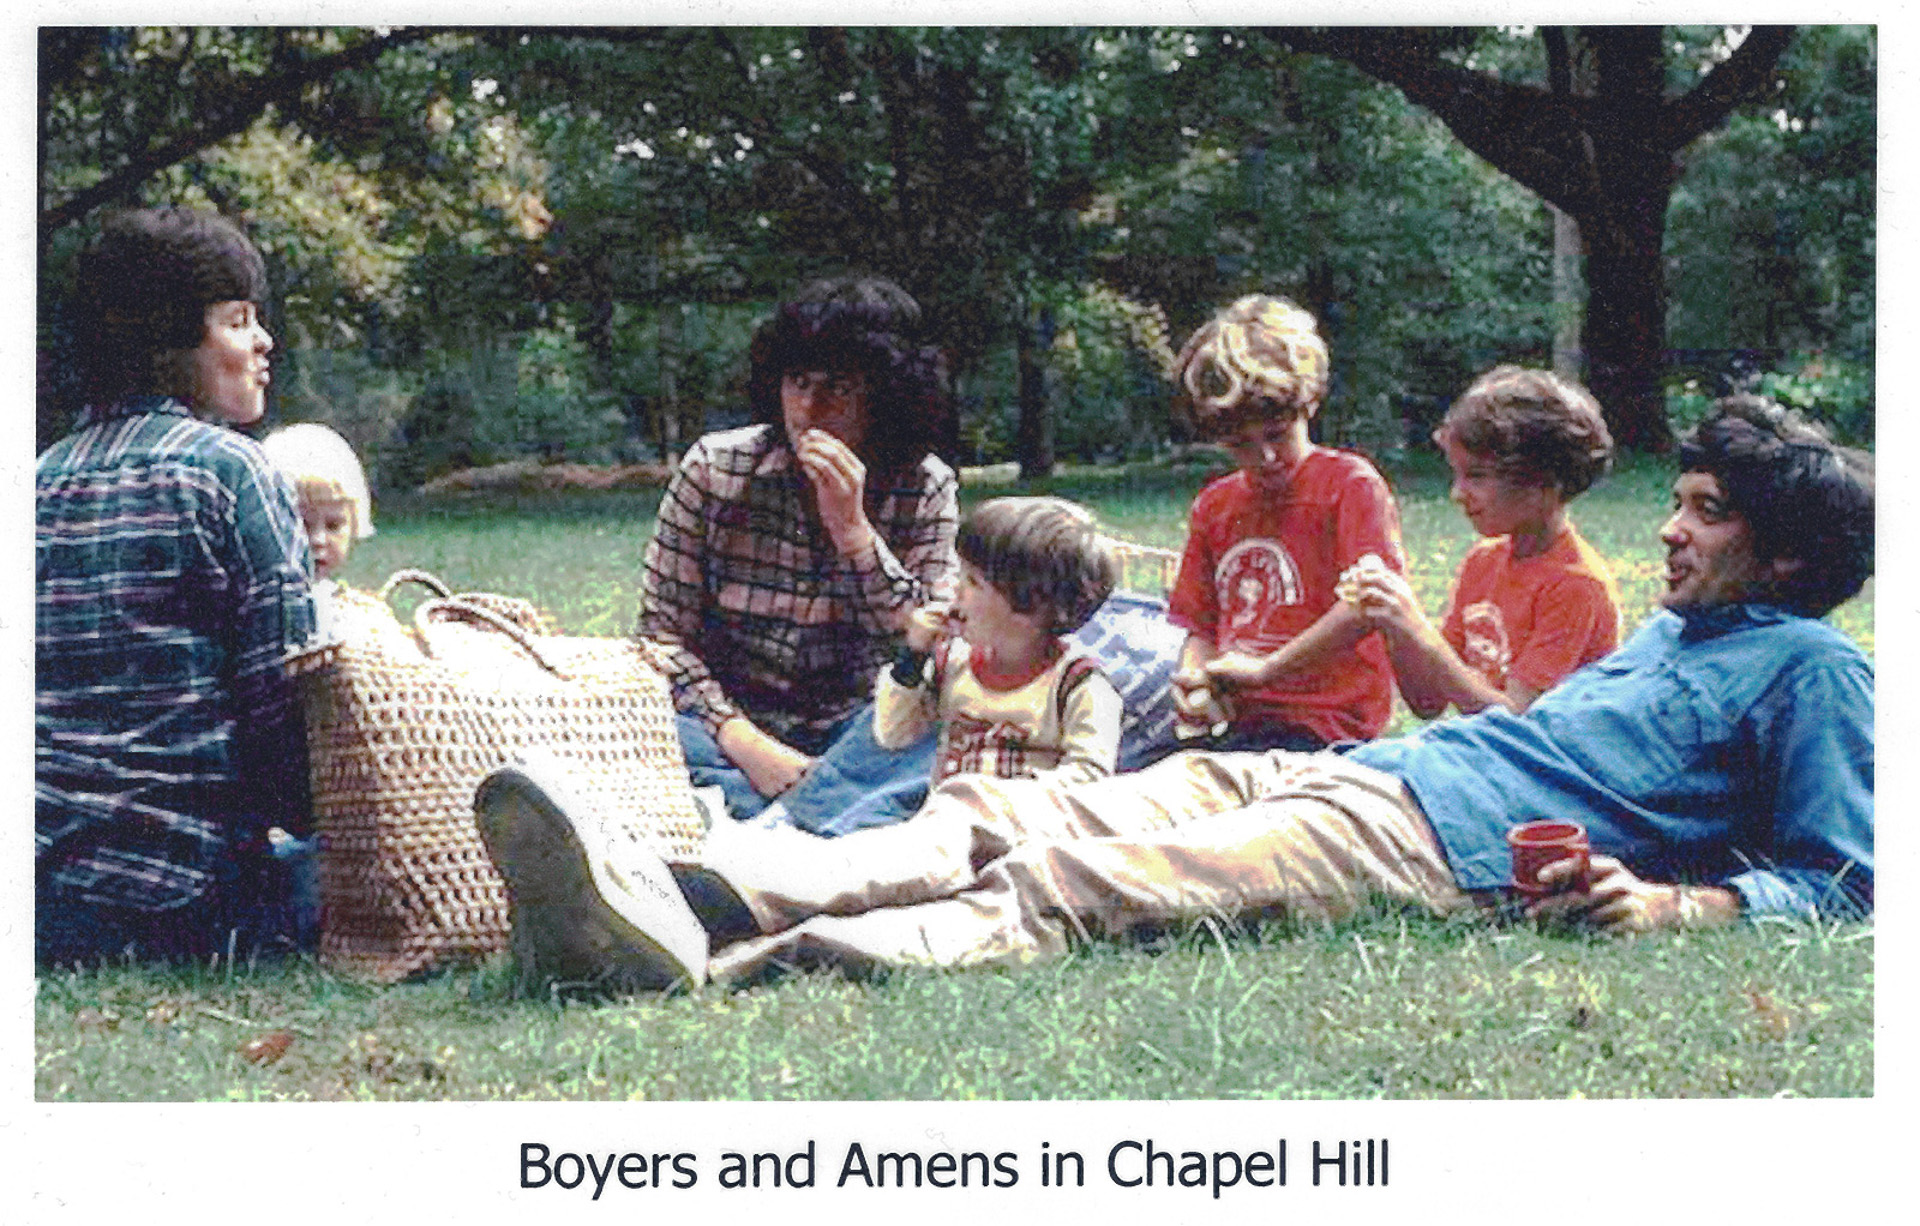 32-Boyers-&-Amens-in-Chapel-Hill_1600px_1920px.jpg